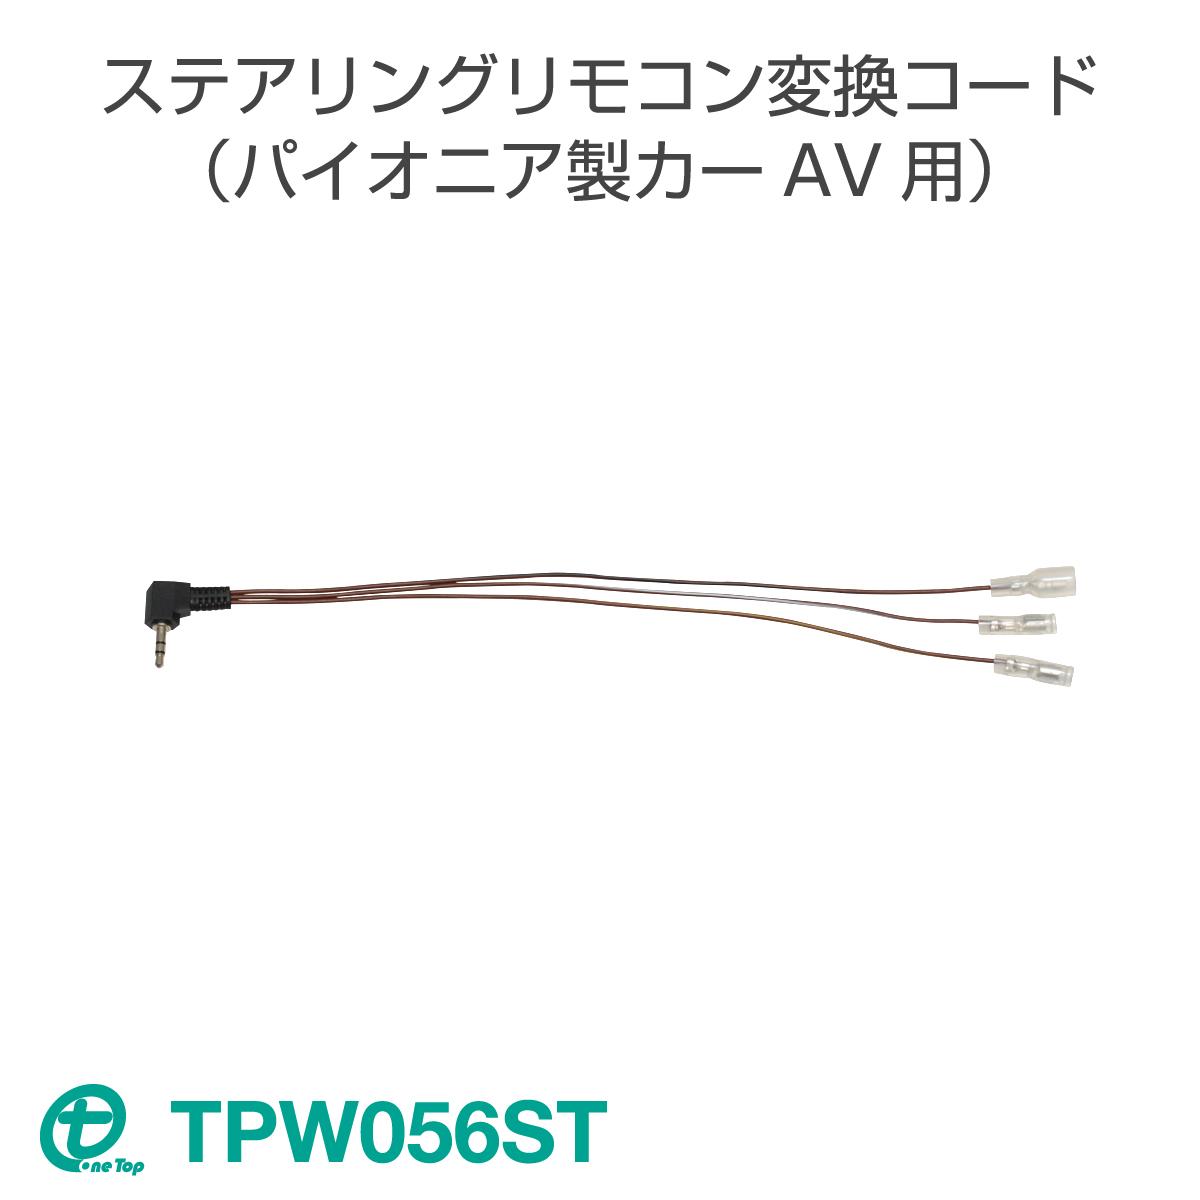 パイオニア製カーAV用のステアリングリモコン変換コードです。 ワントップ/OneTop ステアリングリモコン変換コード(パイオニア製カーAV用) TPW056ST【ネコポス送料無料】